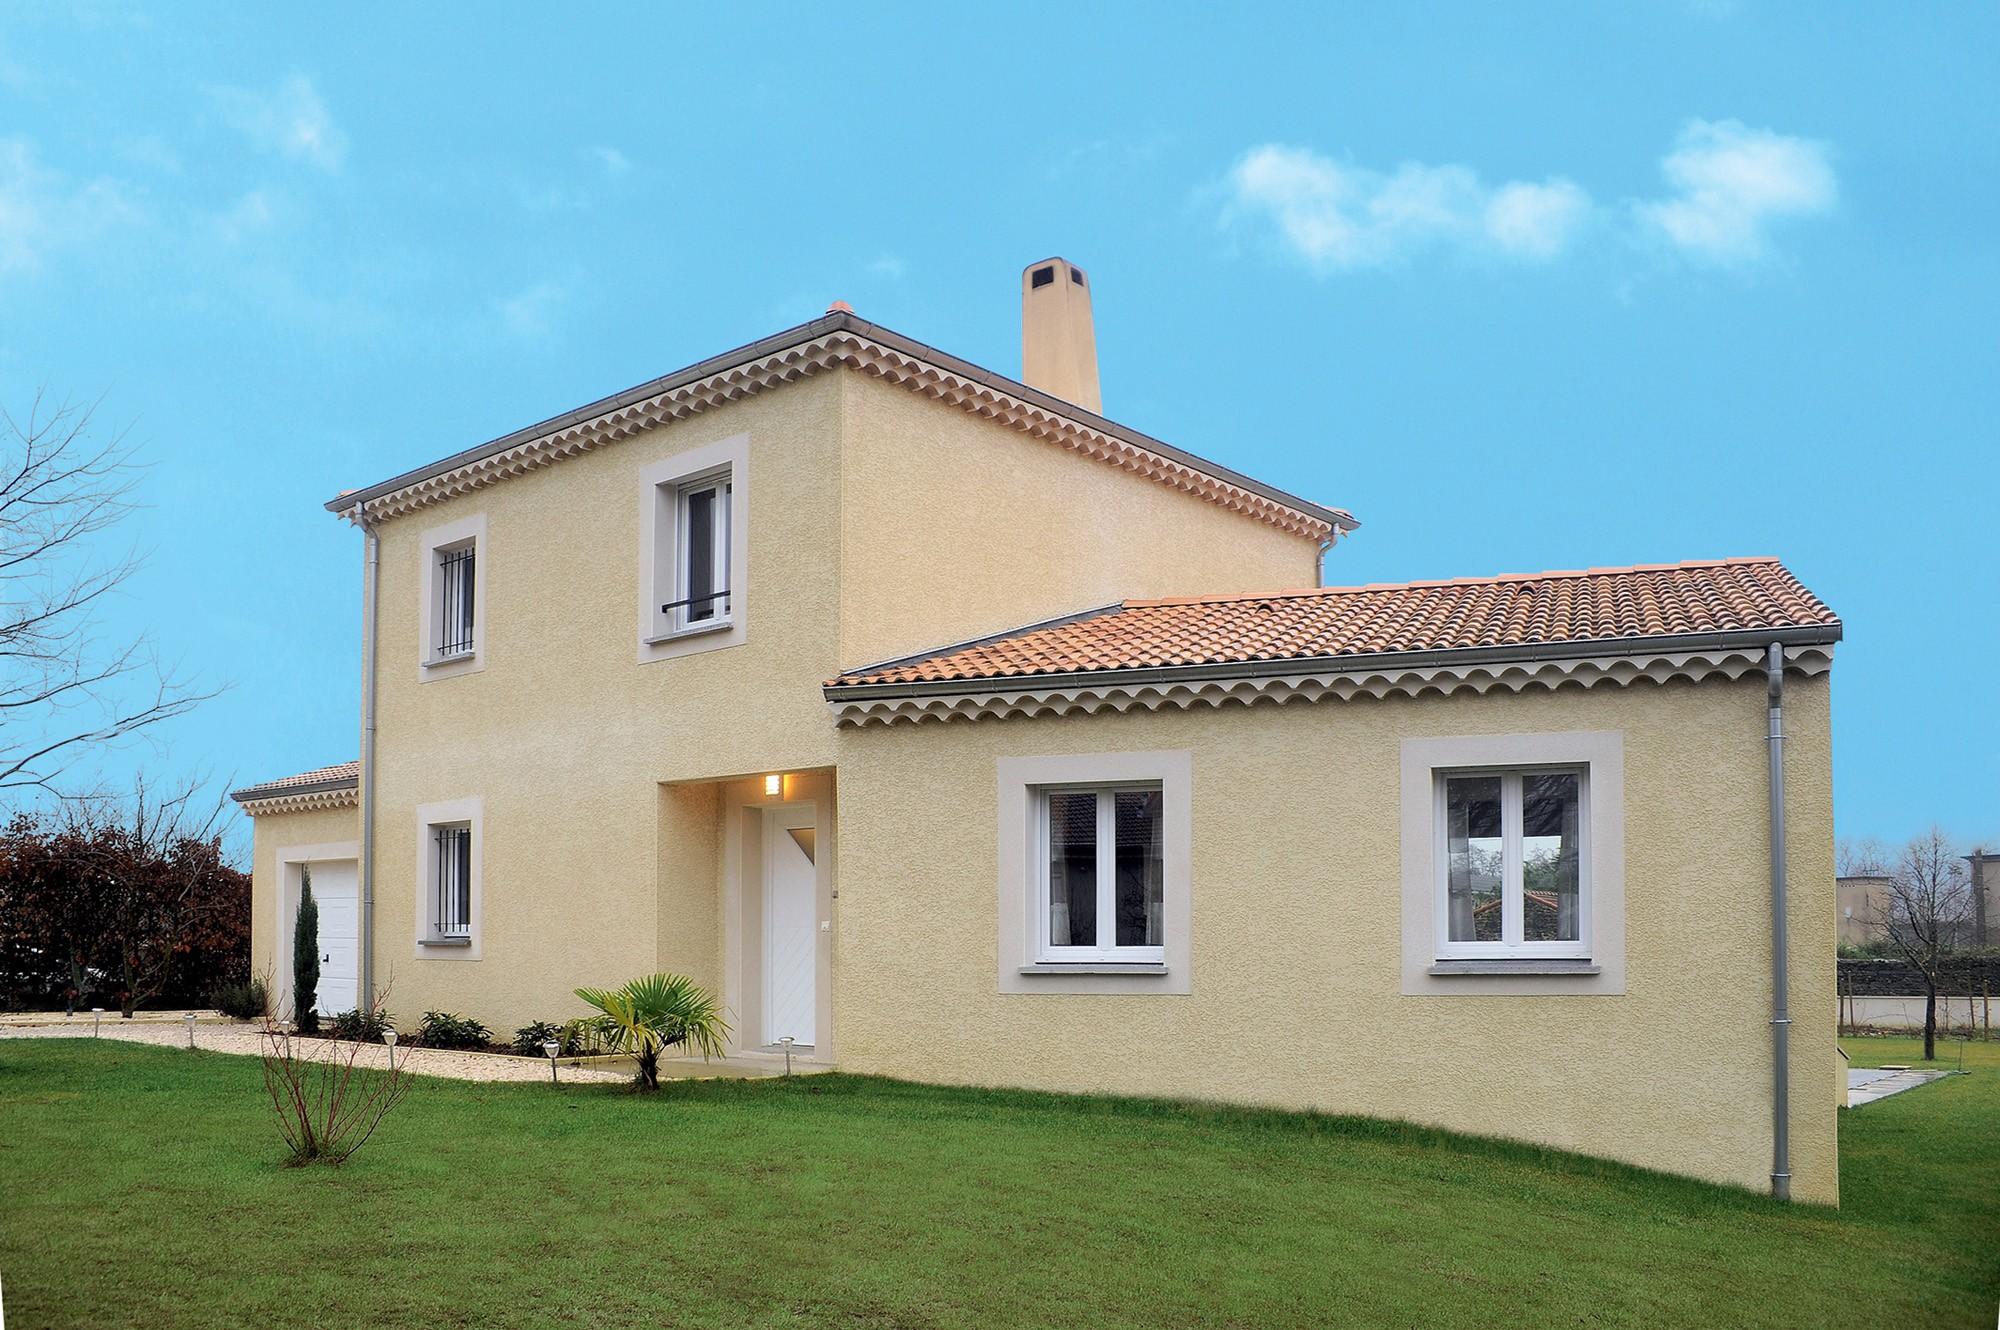 Maisons + Terrains du constructeur Maison Familiale • 130 m² • ANGLES